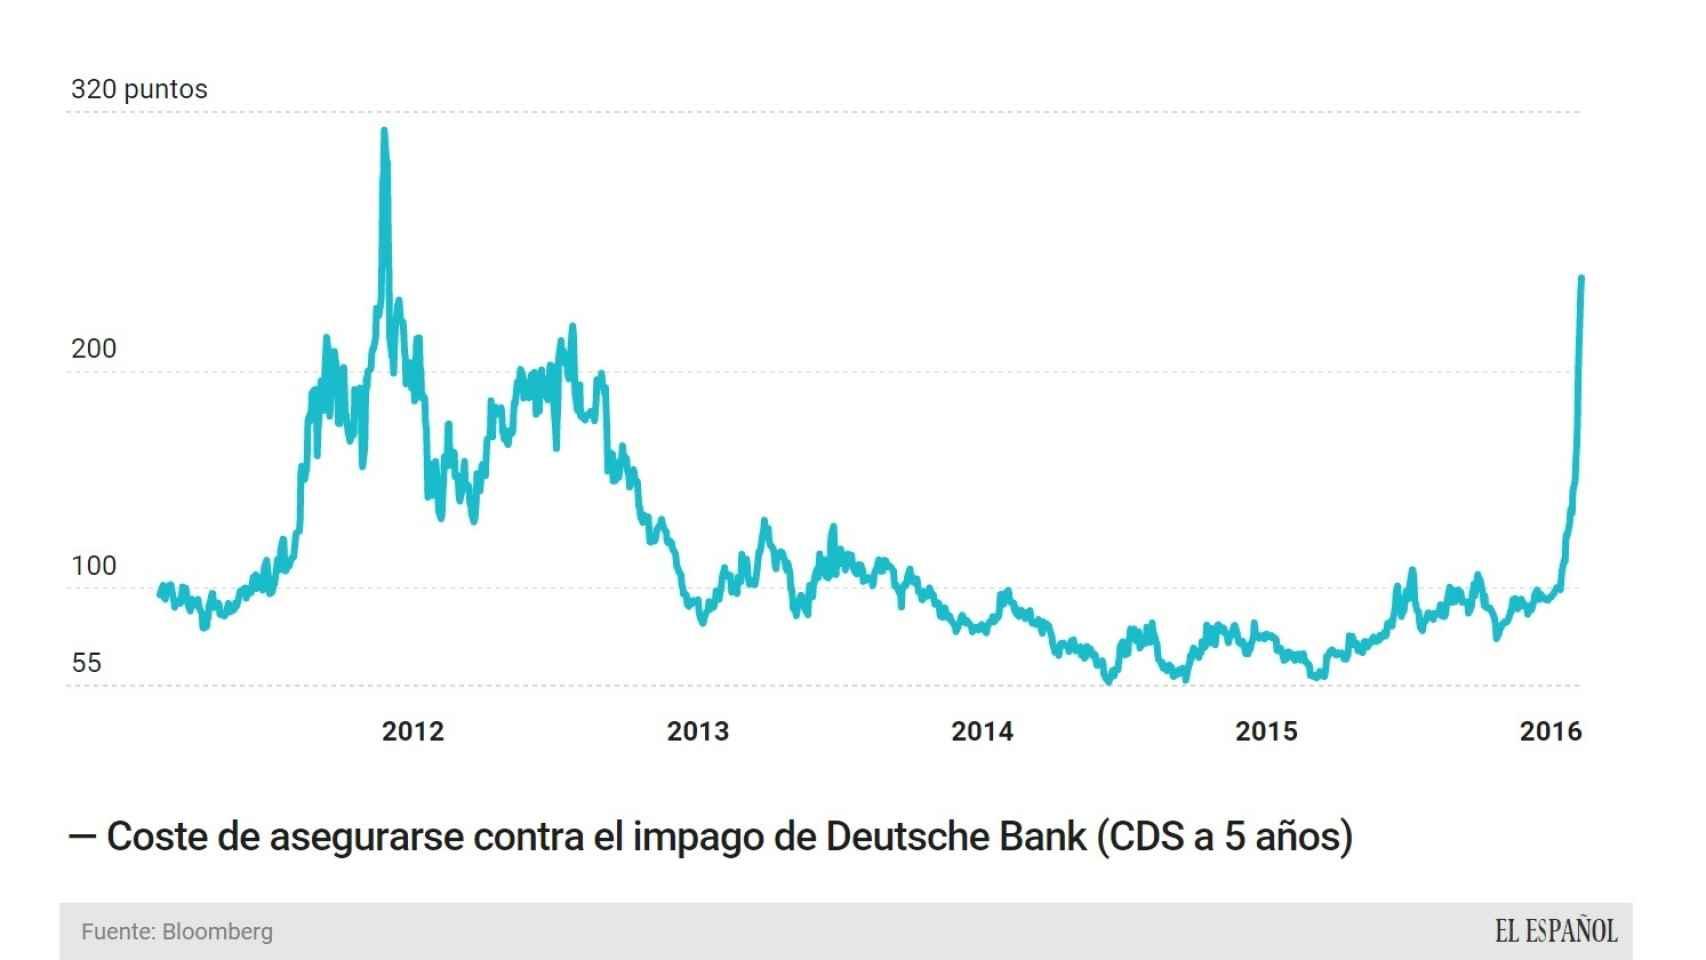 Evolución de los seguros de impago de DB.